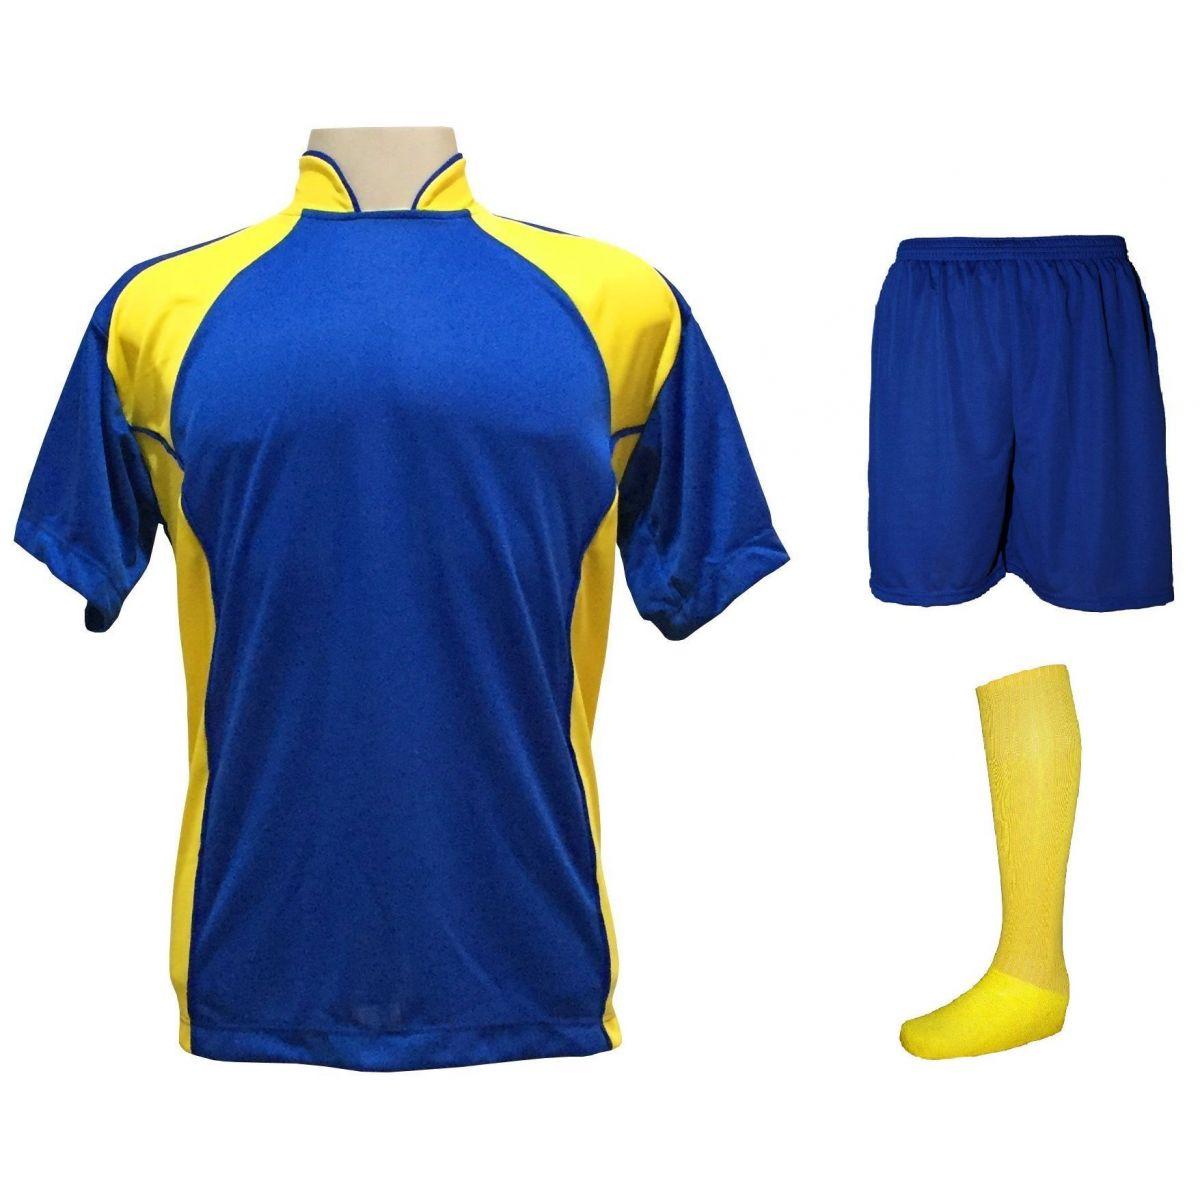 Uniforme Esportivo com 14 camisas modelo Suécia Royal/Amarelo + 14 calções modelo Madrid Royal + 14 pares de meiões Amarelo